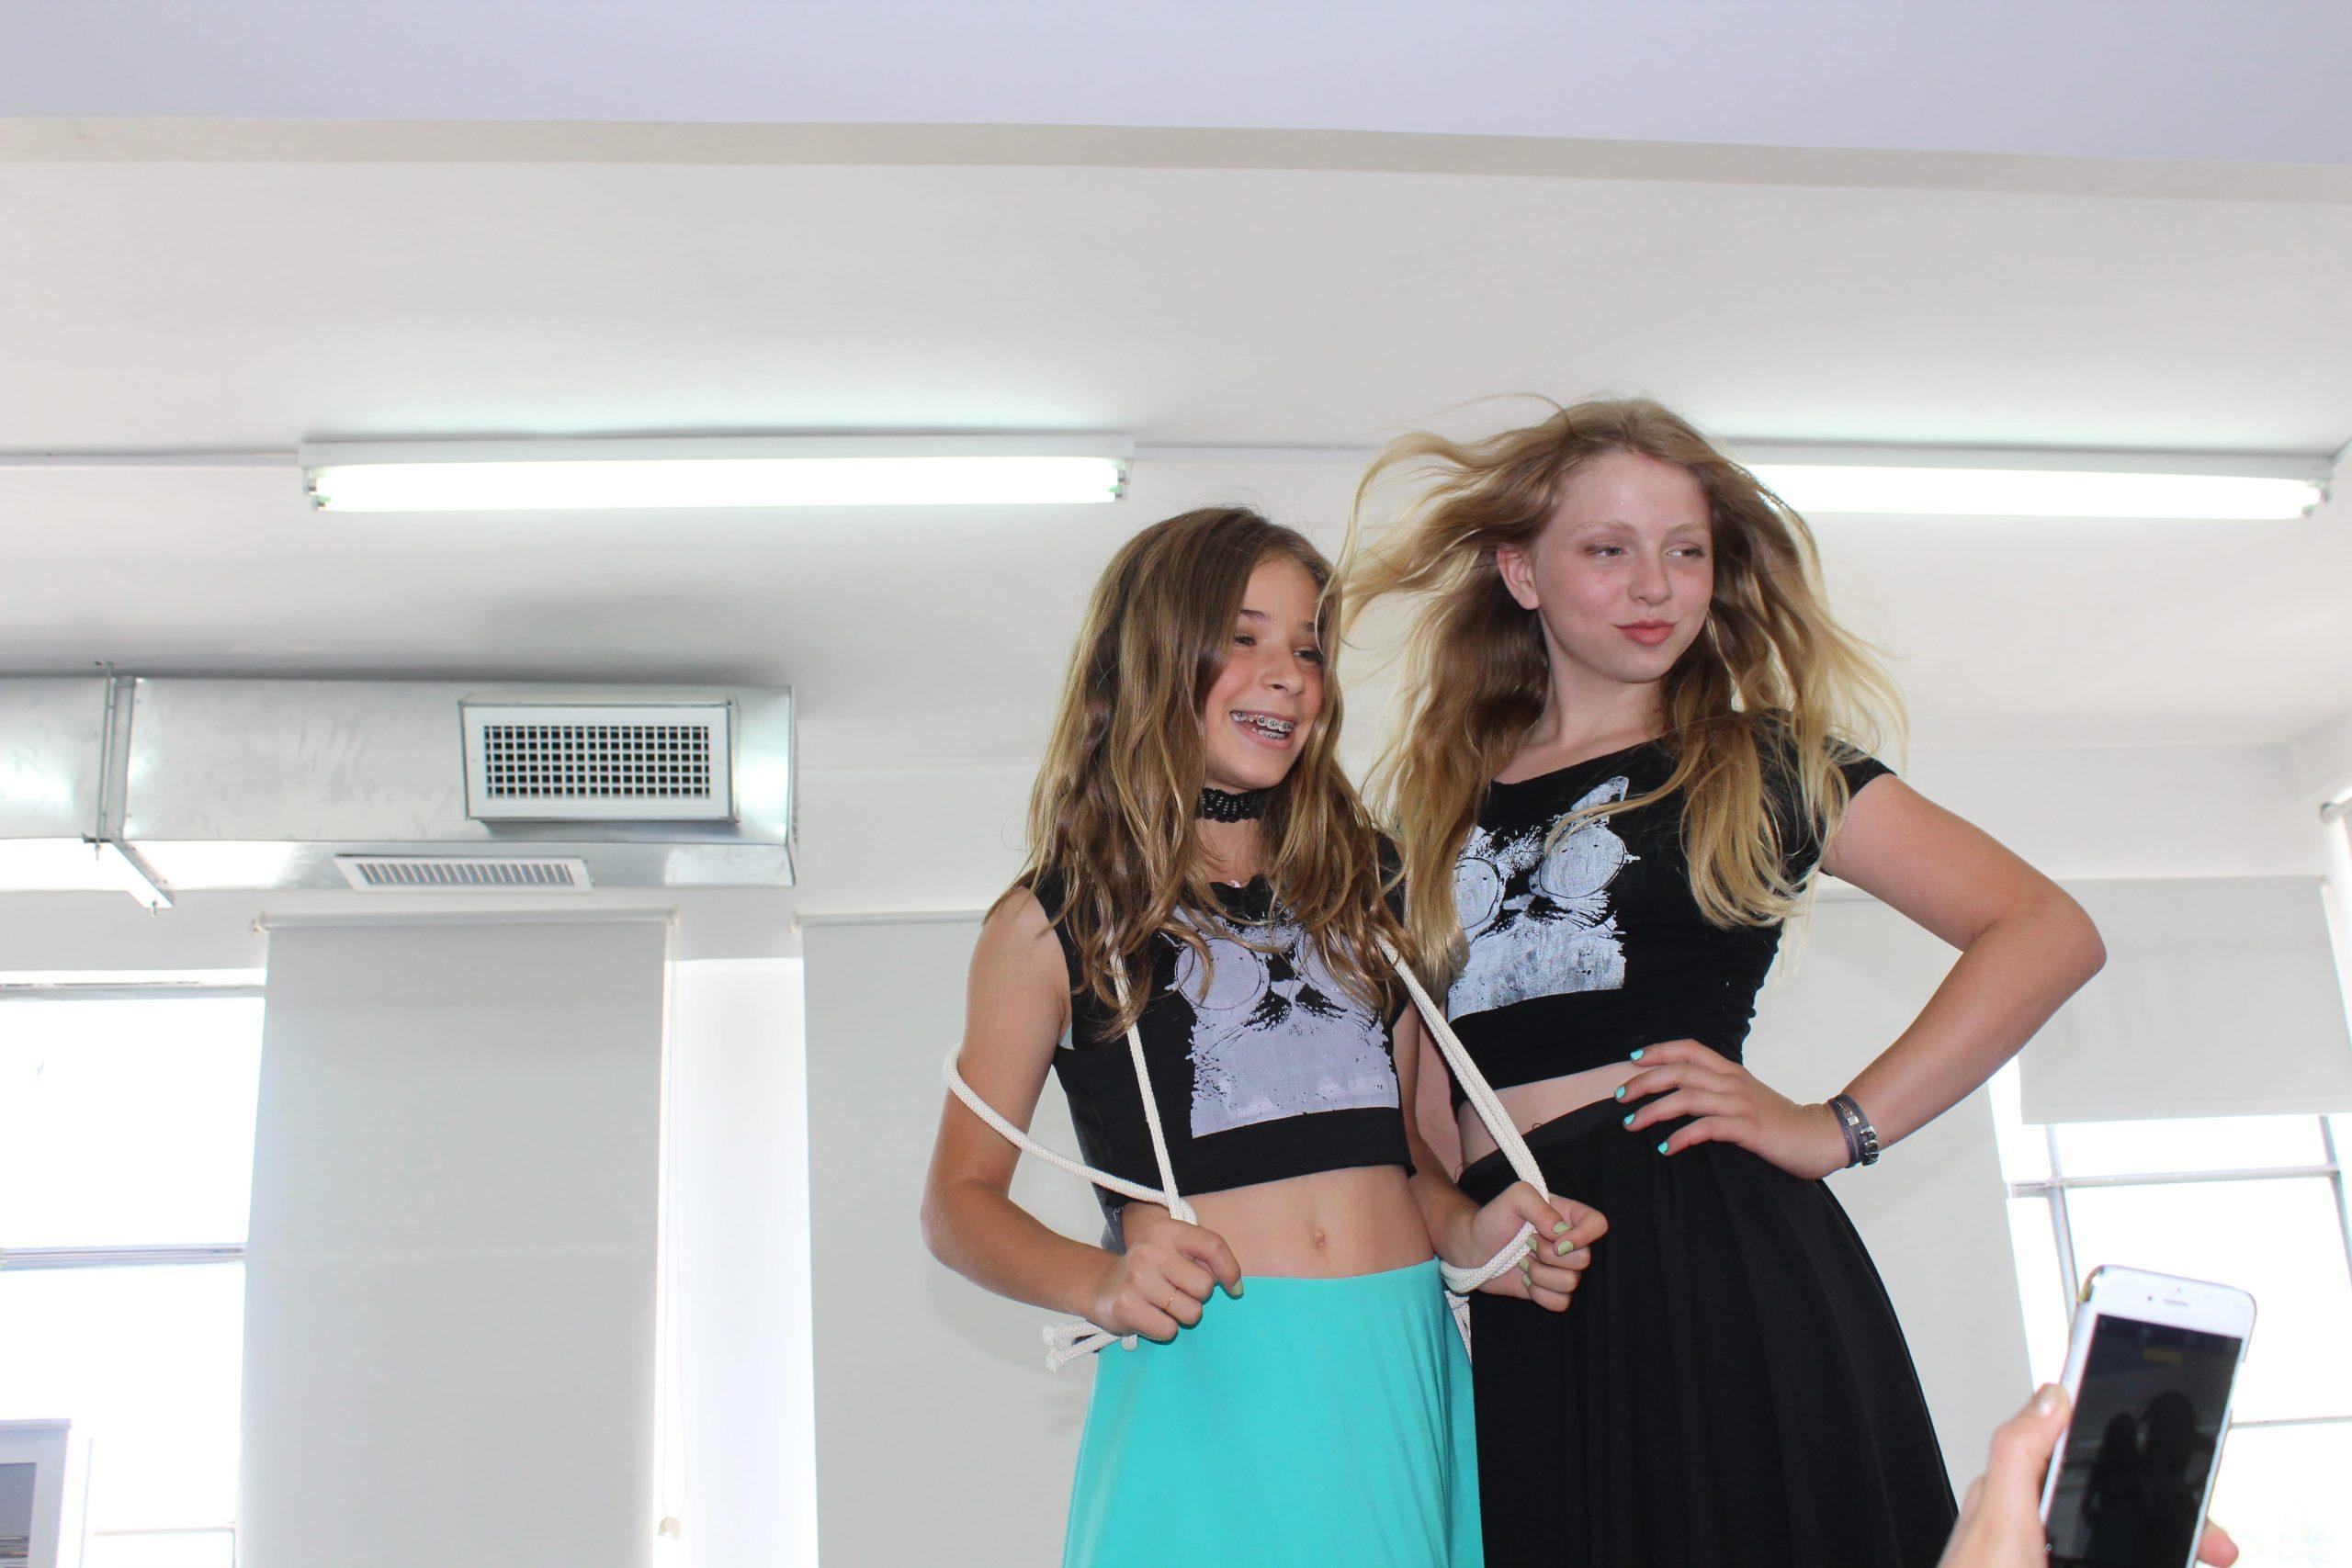 עיצוב אופנה לילדים